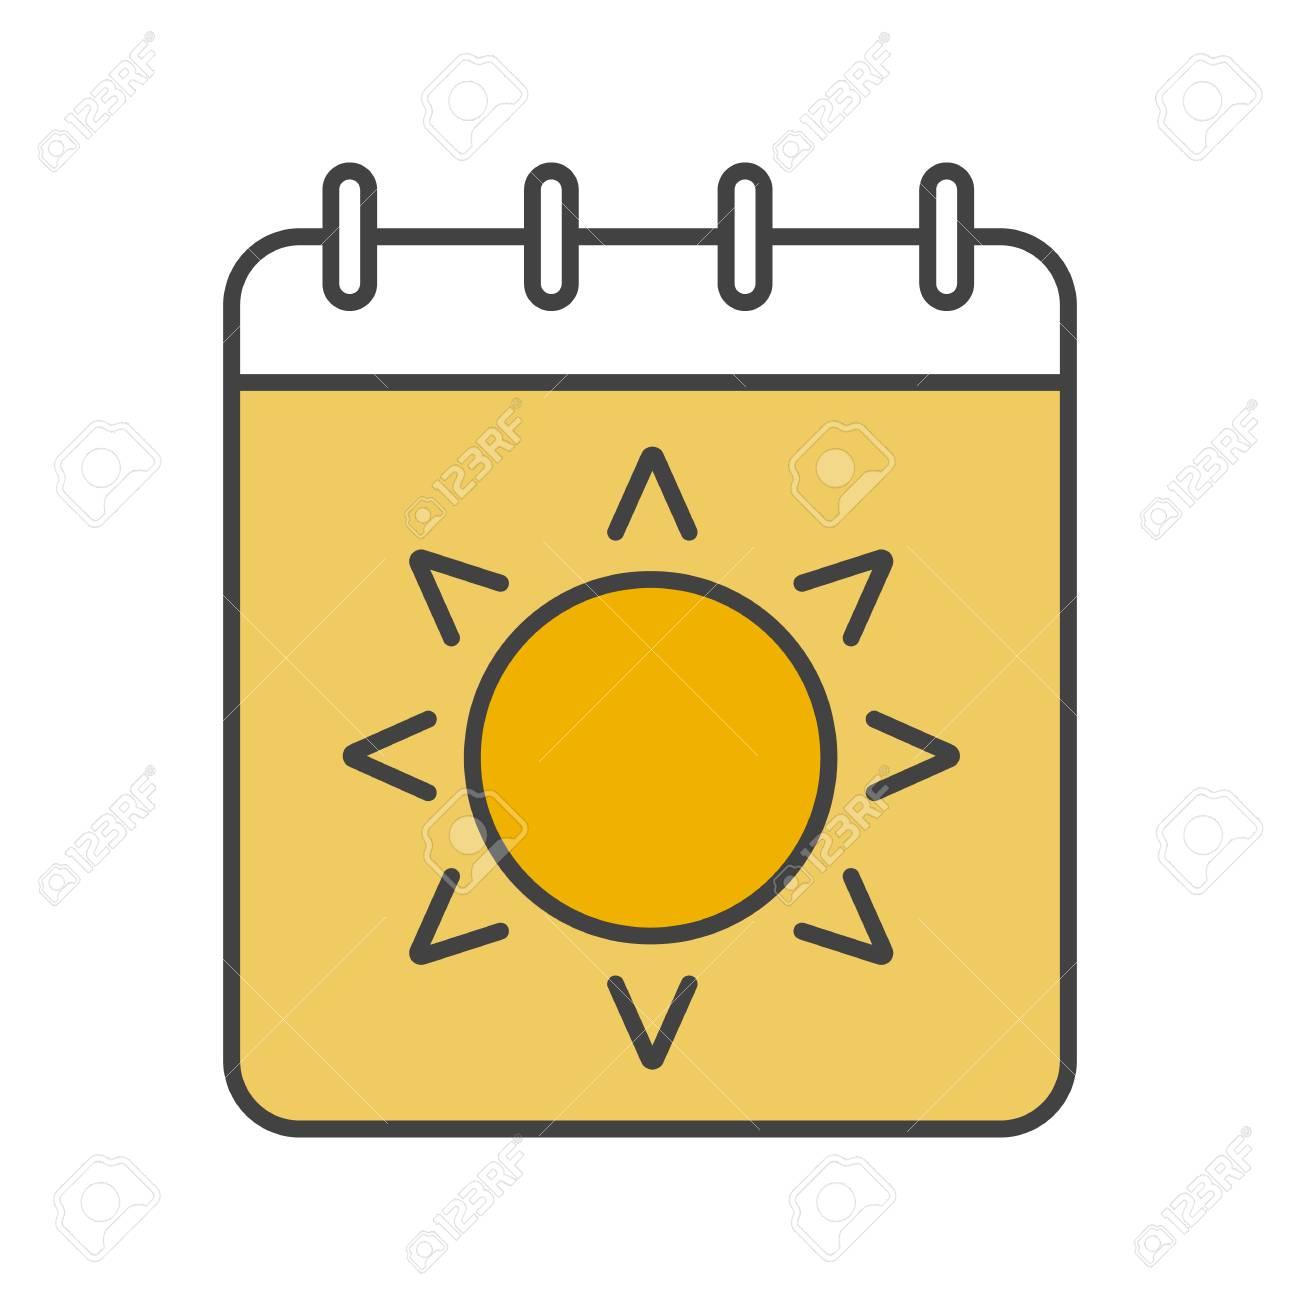 Calendrier Soleil.Icone De Couleur De Saison D Ete Page De Calendrier Avec Le Soleil Illustration Vectorielle Isole